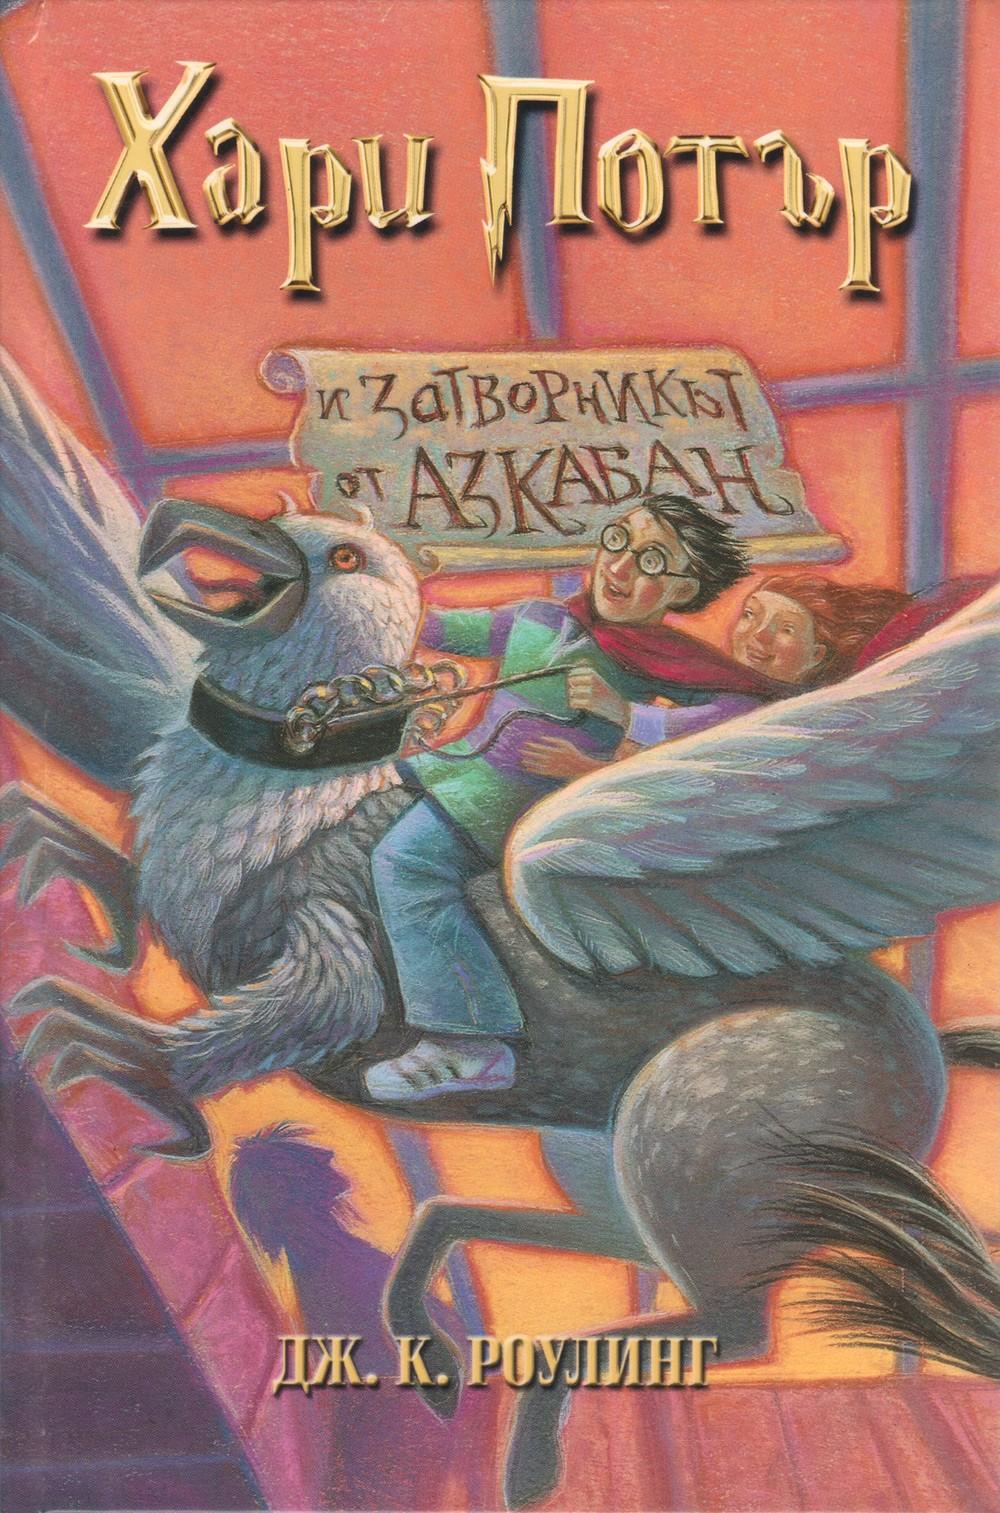 Хари Потър и затворникът от Азкабан (Хари Потър 3)